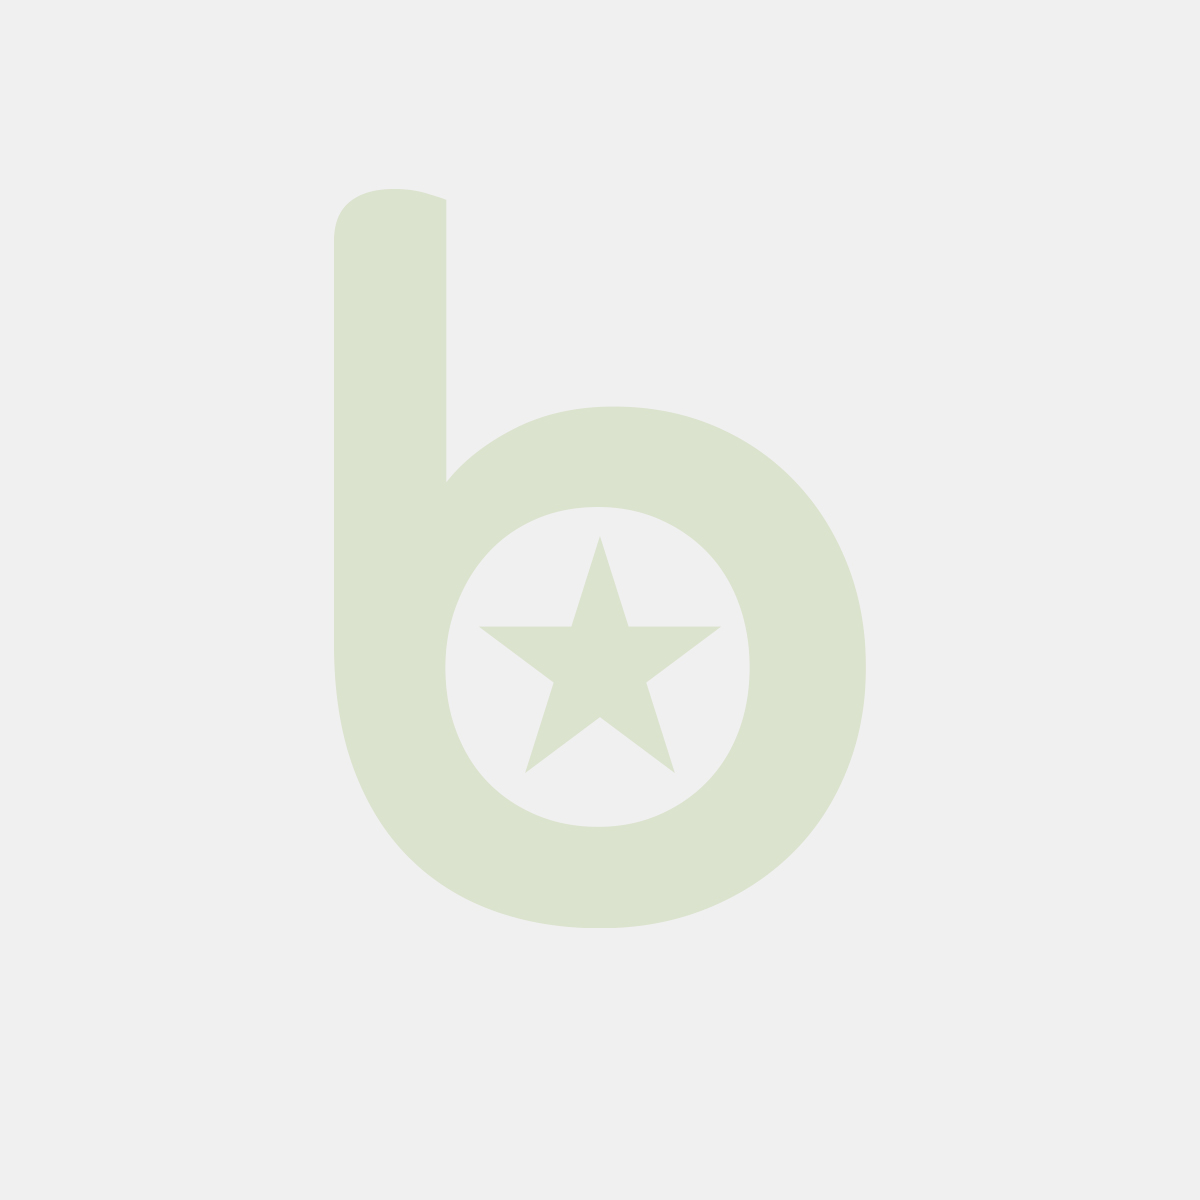 Łyżeczka MINI FINGERFOOD kolor: czarny, 10 cm, PS, 50 szt. w opakowaniu